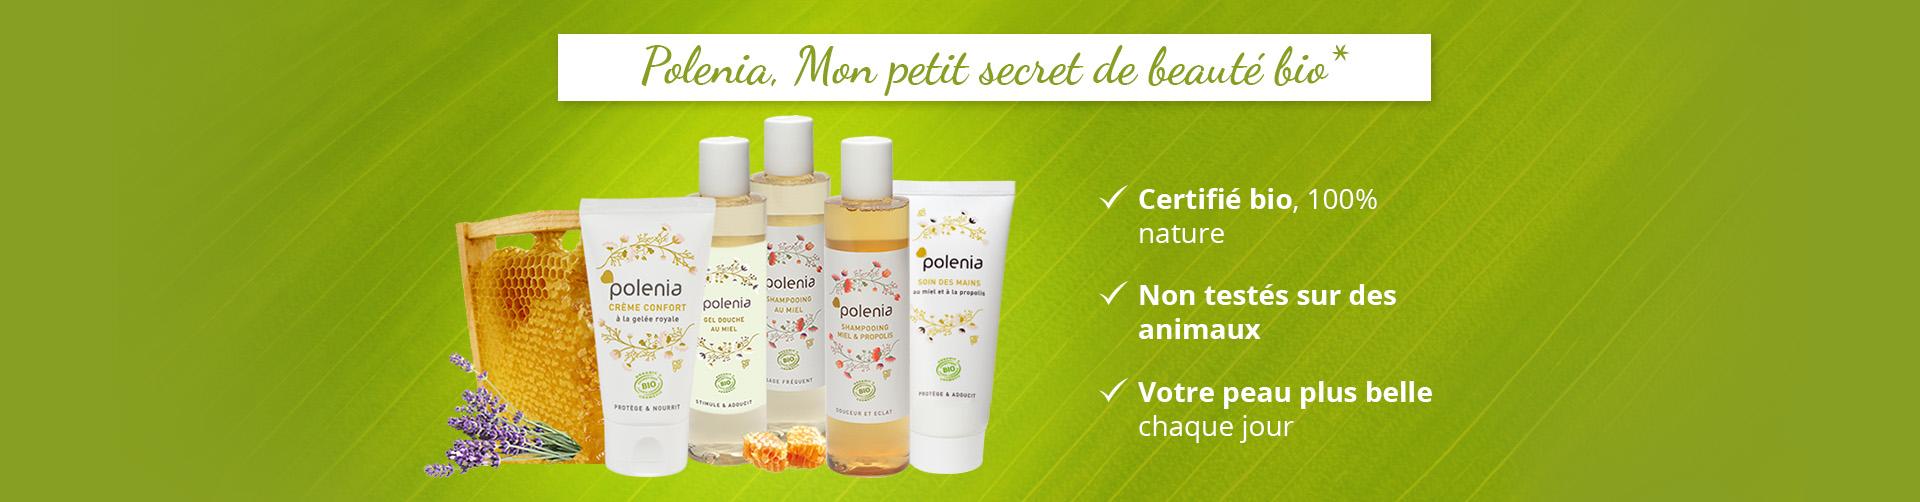 Des produits certifiés bio, aucun test effectué sur des animaux, pour que votre peau soit plus belle chaque jour.